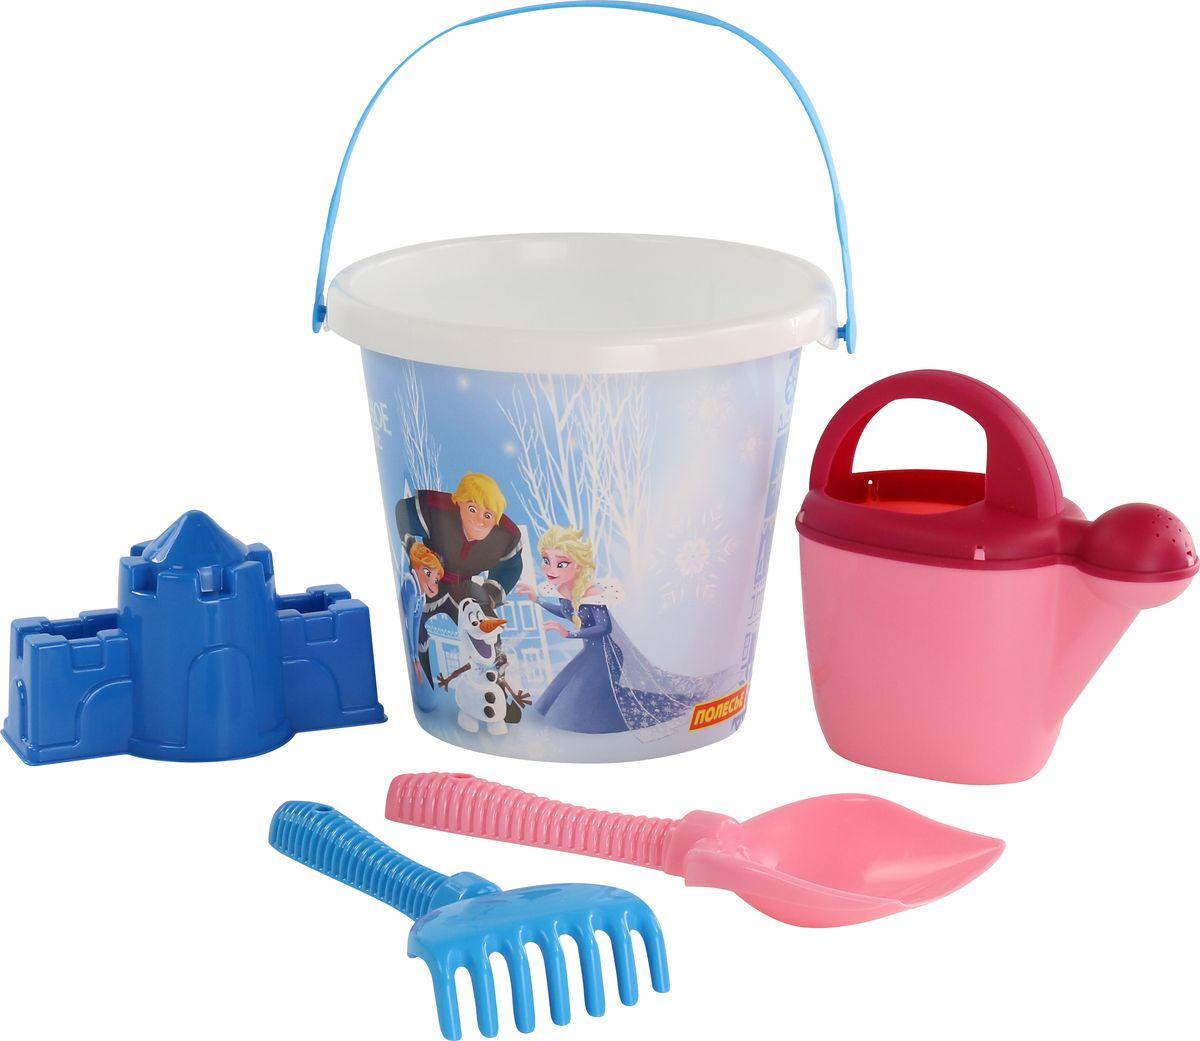 Disney Набор игрушек для песочницы Холодное сердце №13 5 предметов disney набор игрушек для песочницы принцесса 13 5 предметов